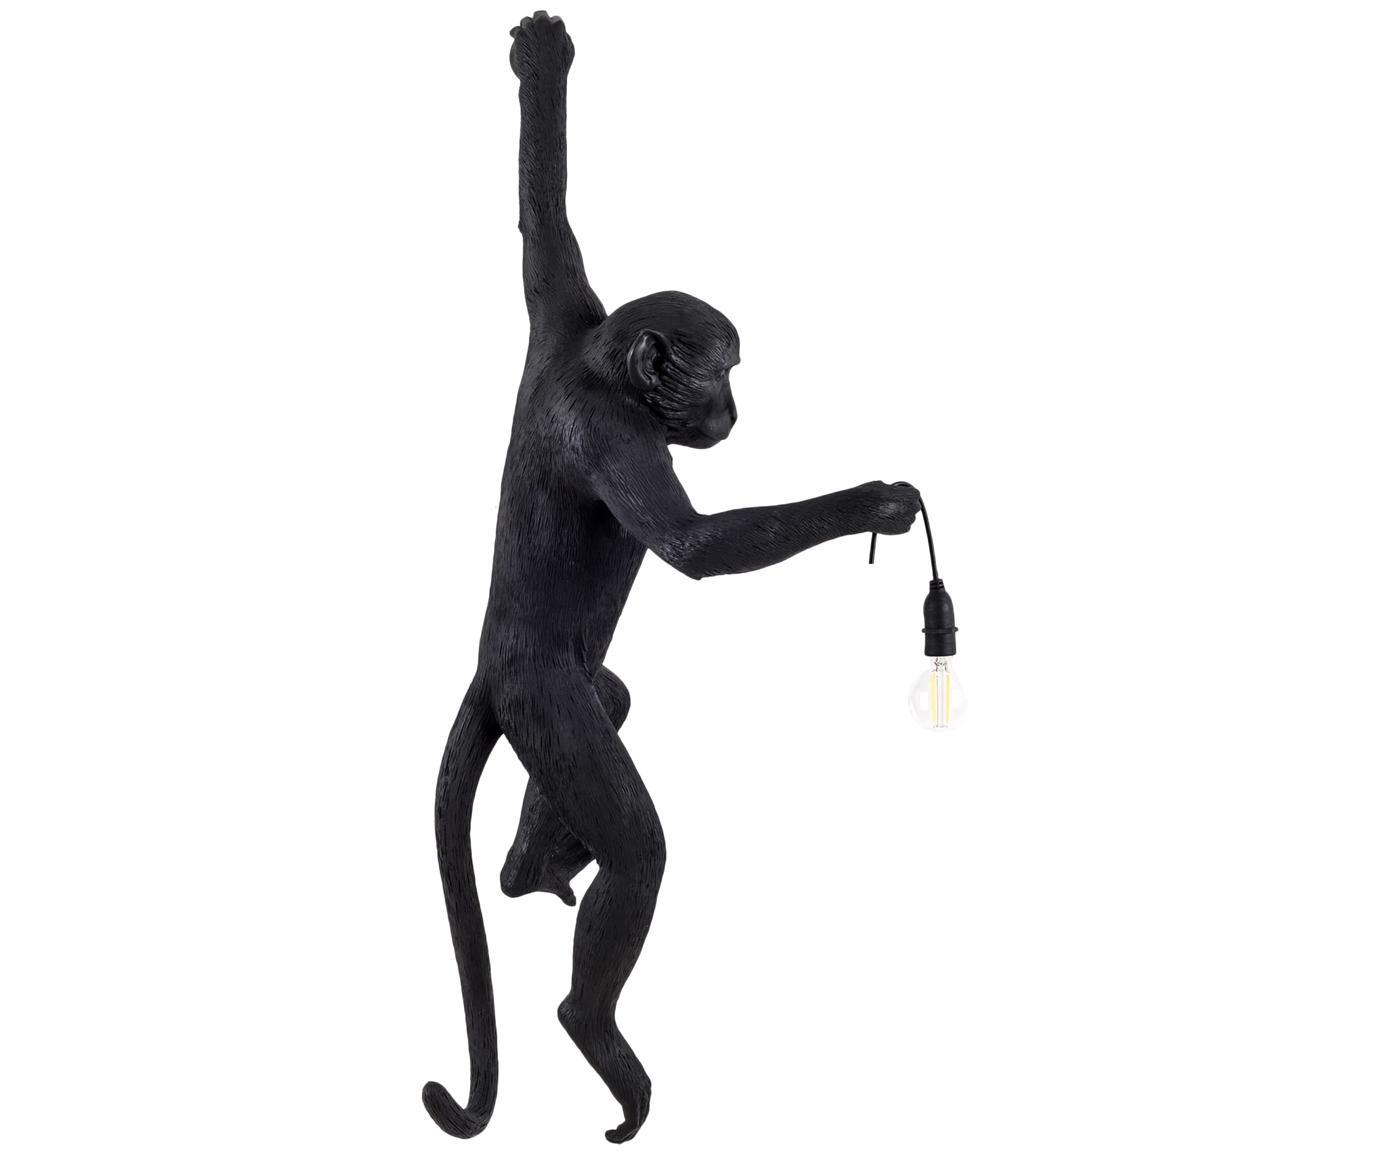 Aussen-Wandleuchte Monkey, Kunstharz, Schwarz, 37 x 77 cm